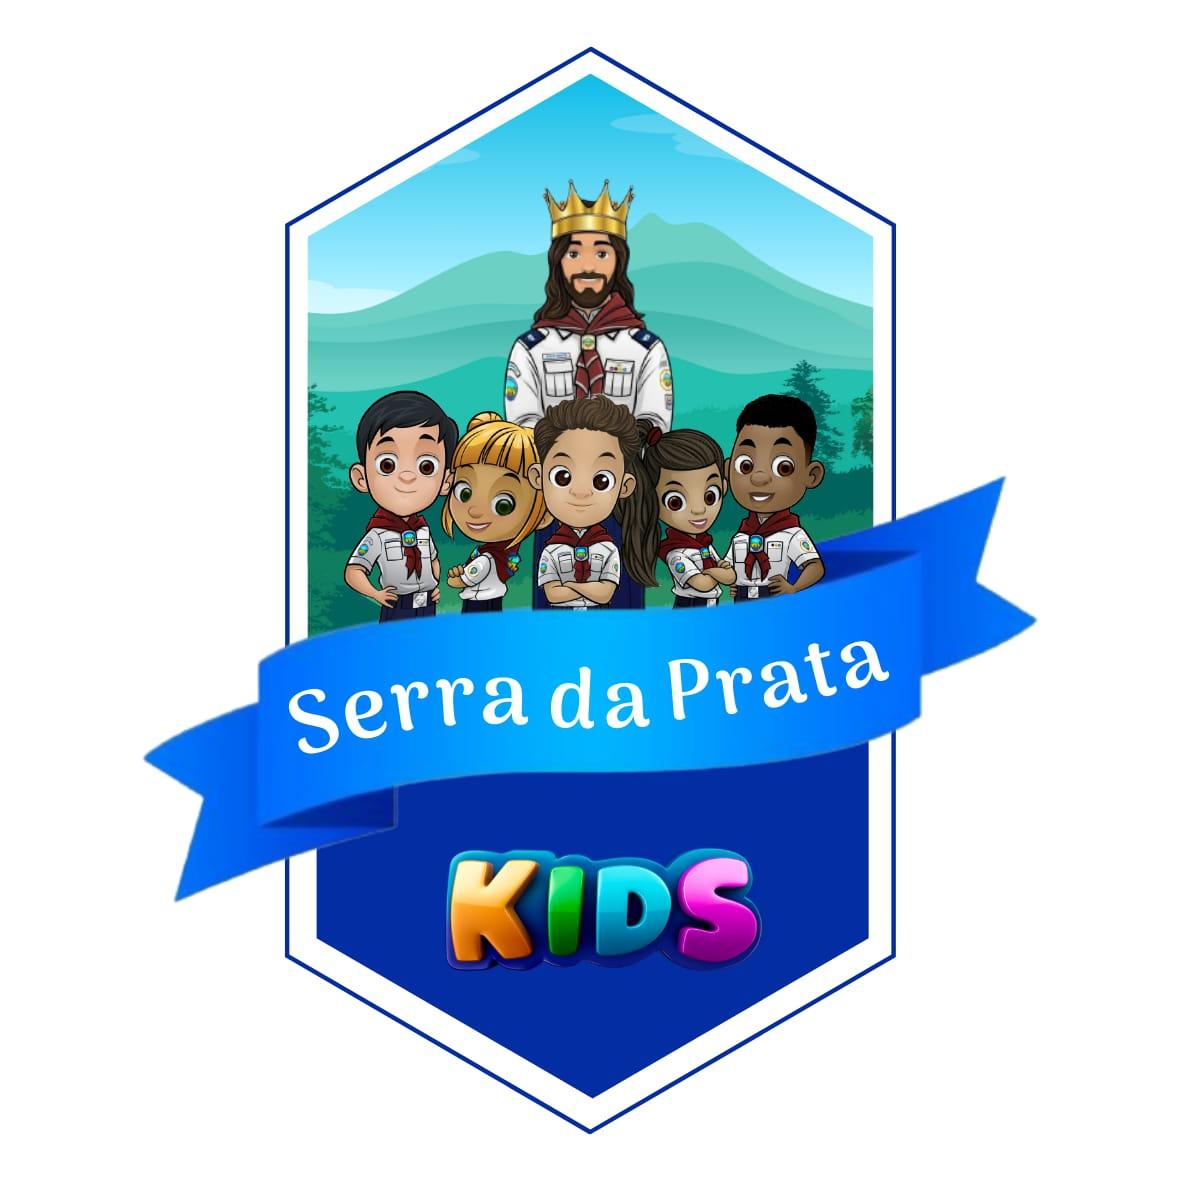 Serra da Prata Kids